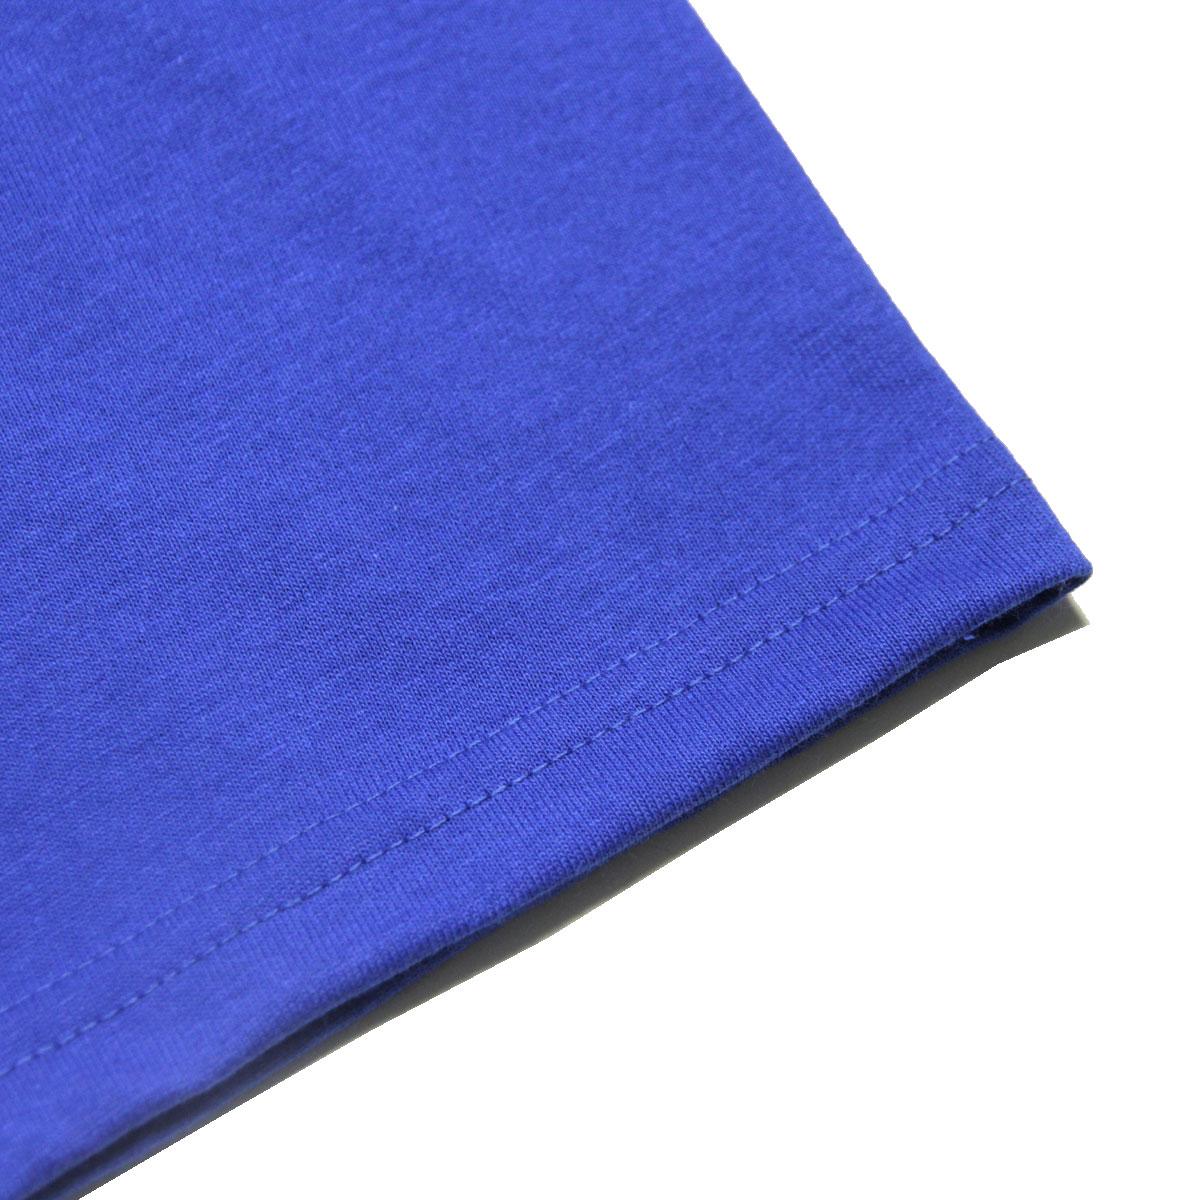 プロクラブ Tシャツ メンズ 正規販売店 PROCLUB 半袖Tシャツ クルーネックTシャツ HEAVY WEIGHT COTTON SHORT SLEEVE CREW NECK T-SHIRT ROYAL BLUE #101 AB6B B1C C1D D1E E07F